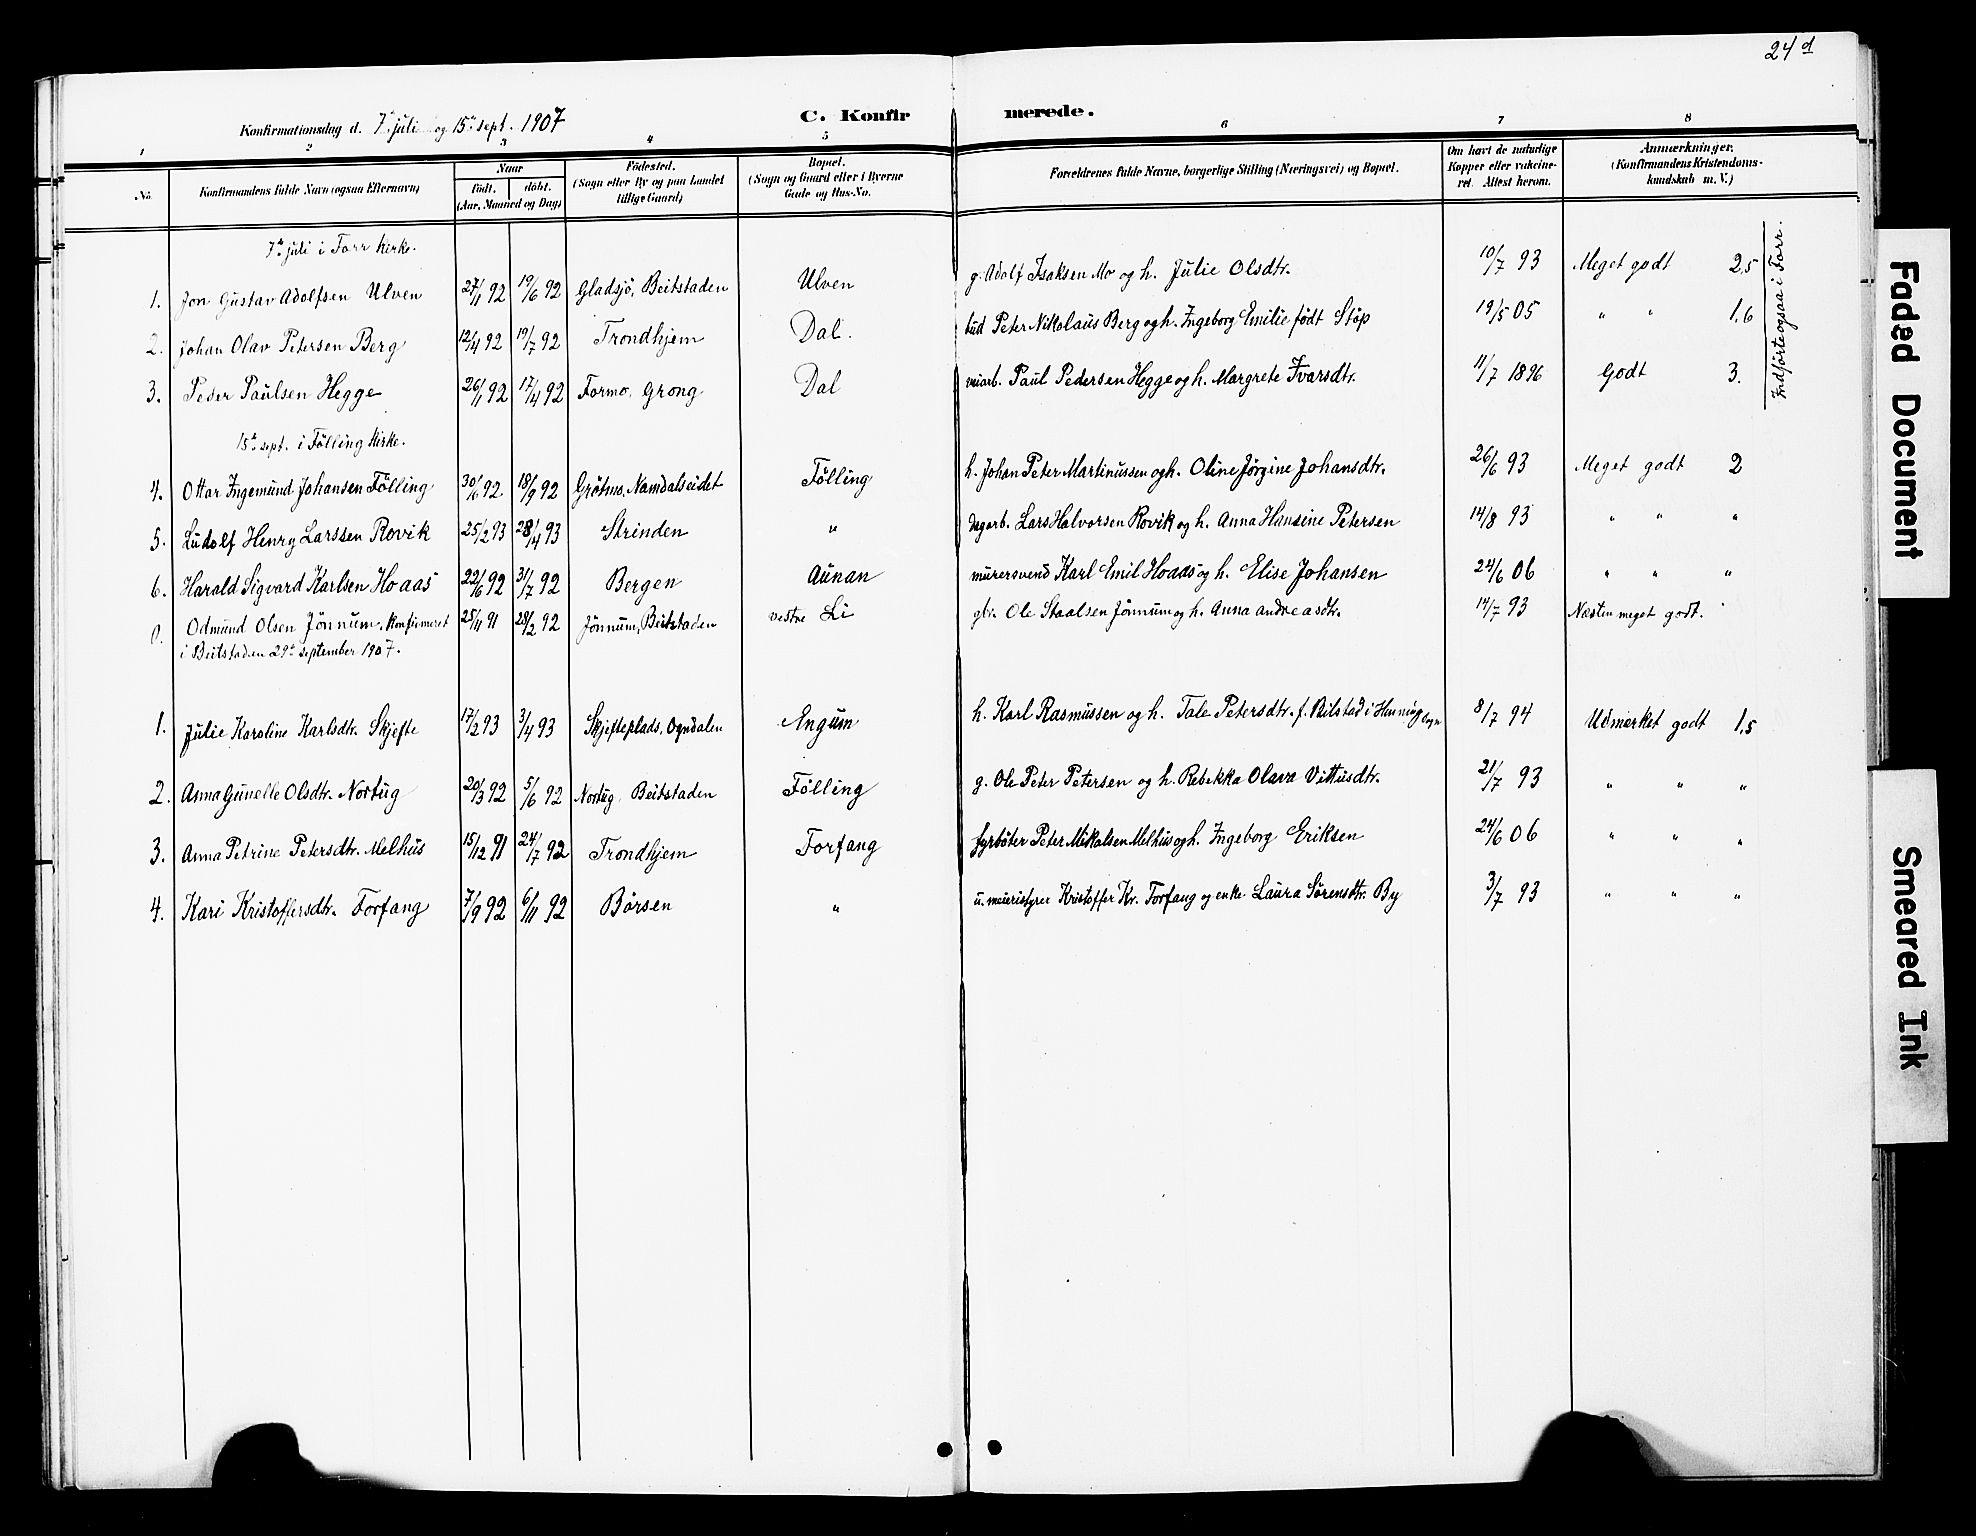 SAT, Ministerialprotokoller, klokkerbøker og fødselsregistre - Nord-Trøndelag, 748/L0464: Ministerialbok nr. 748A01, 1900-1908, s. 24d